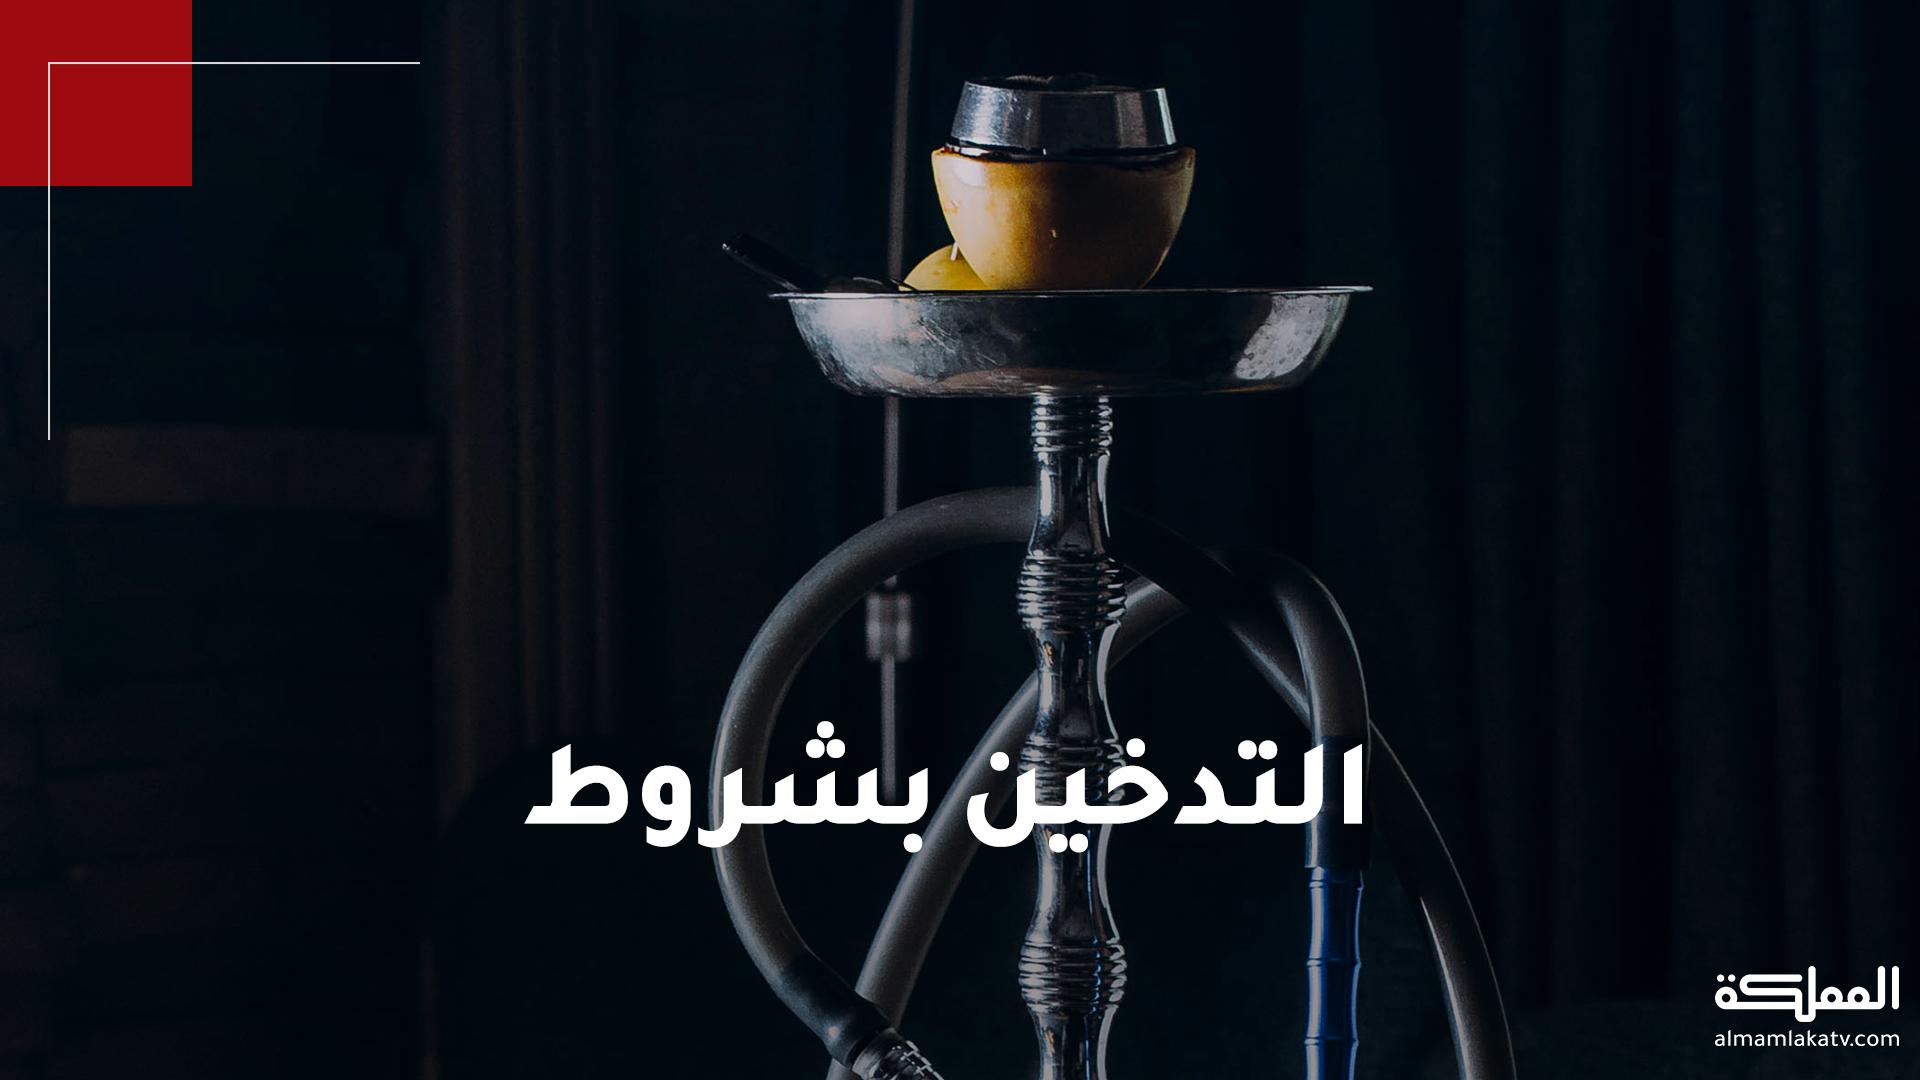 شروط جديدة للدخان والأرجيلة في الأردن.. متى يسمح بها ومتى تُحظر كليا؟